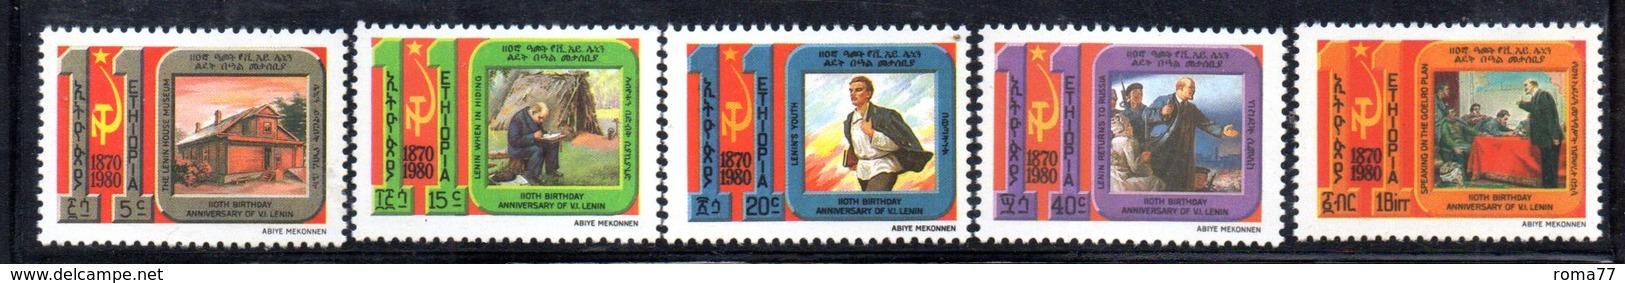 ETP216 - ETIOPIA 1980 ,  Yvert  N. 969/973 *** MNH  LENIN - Etiopia